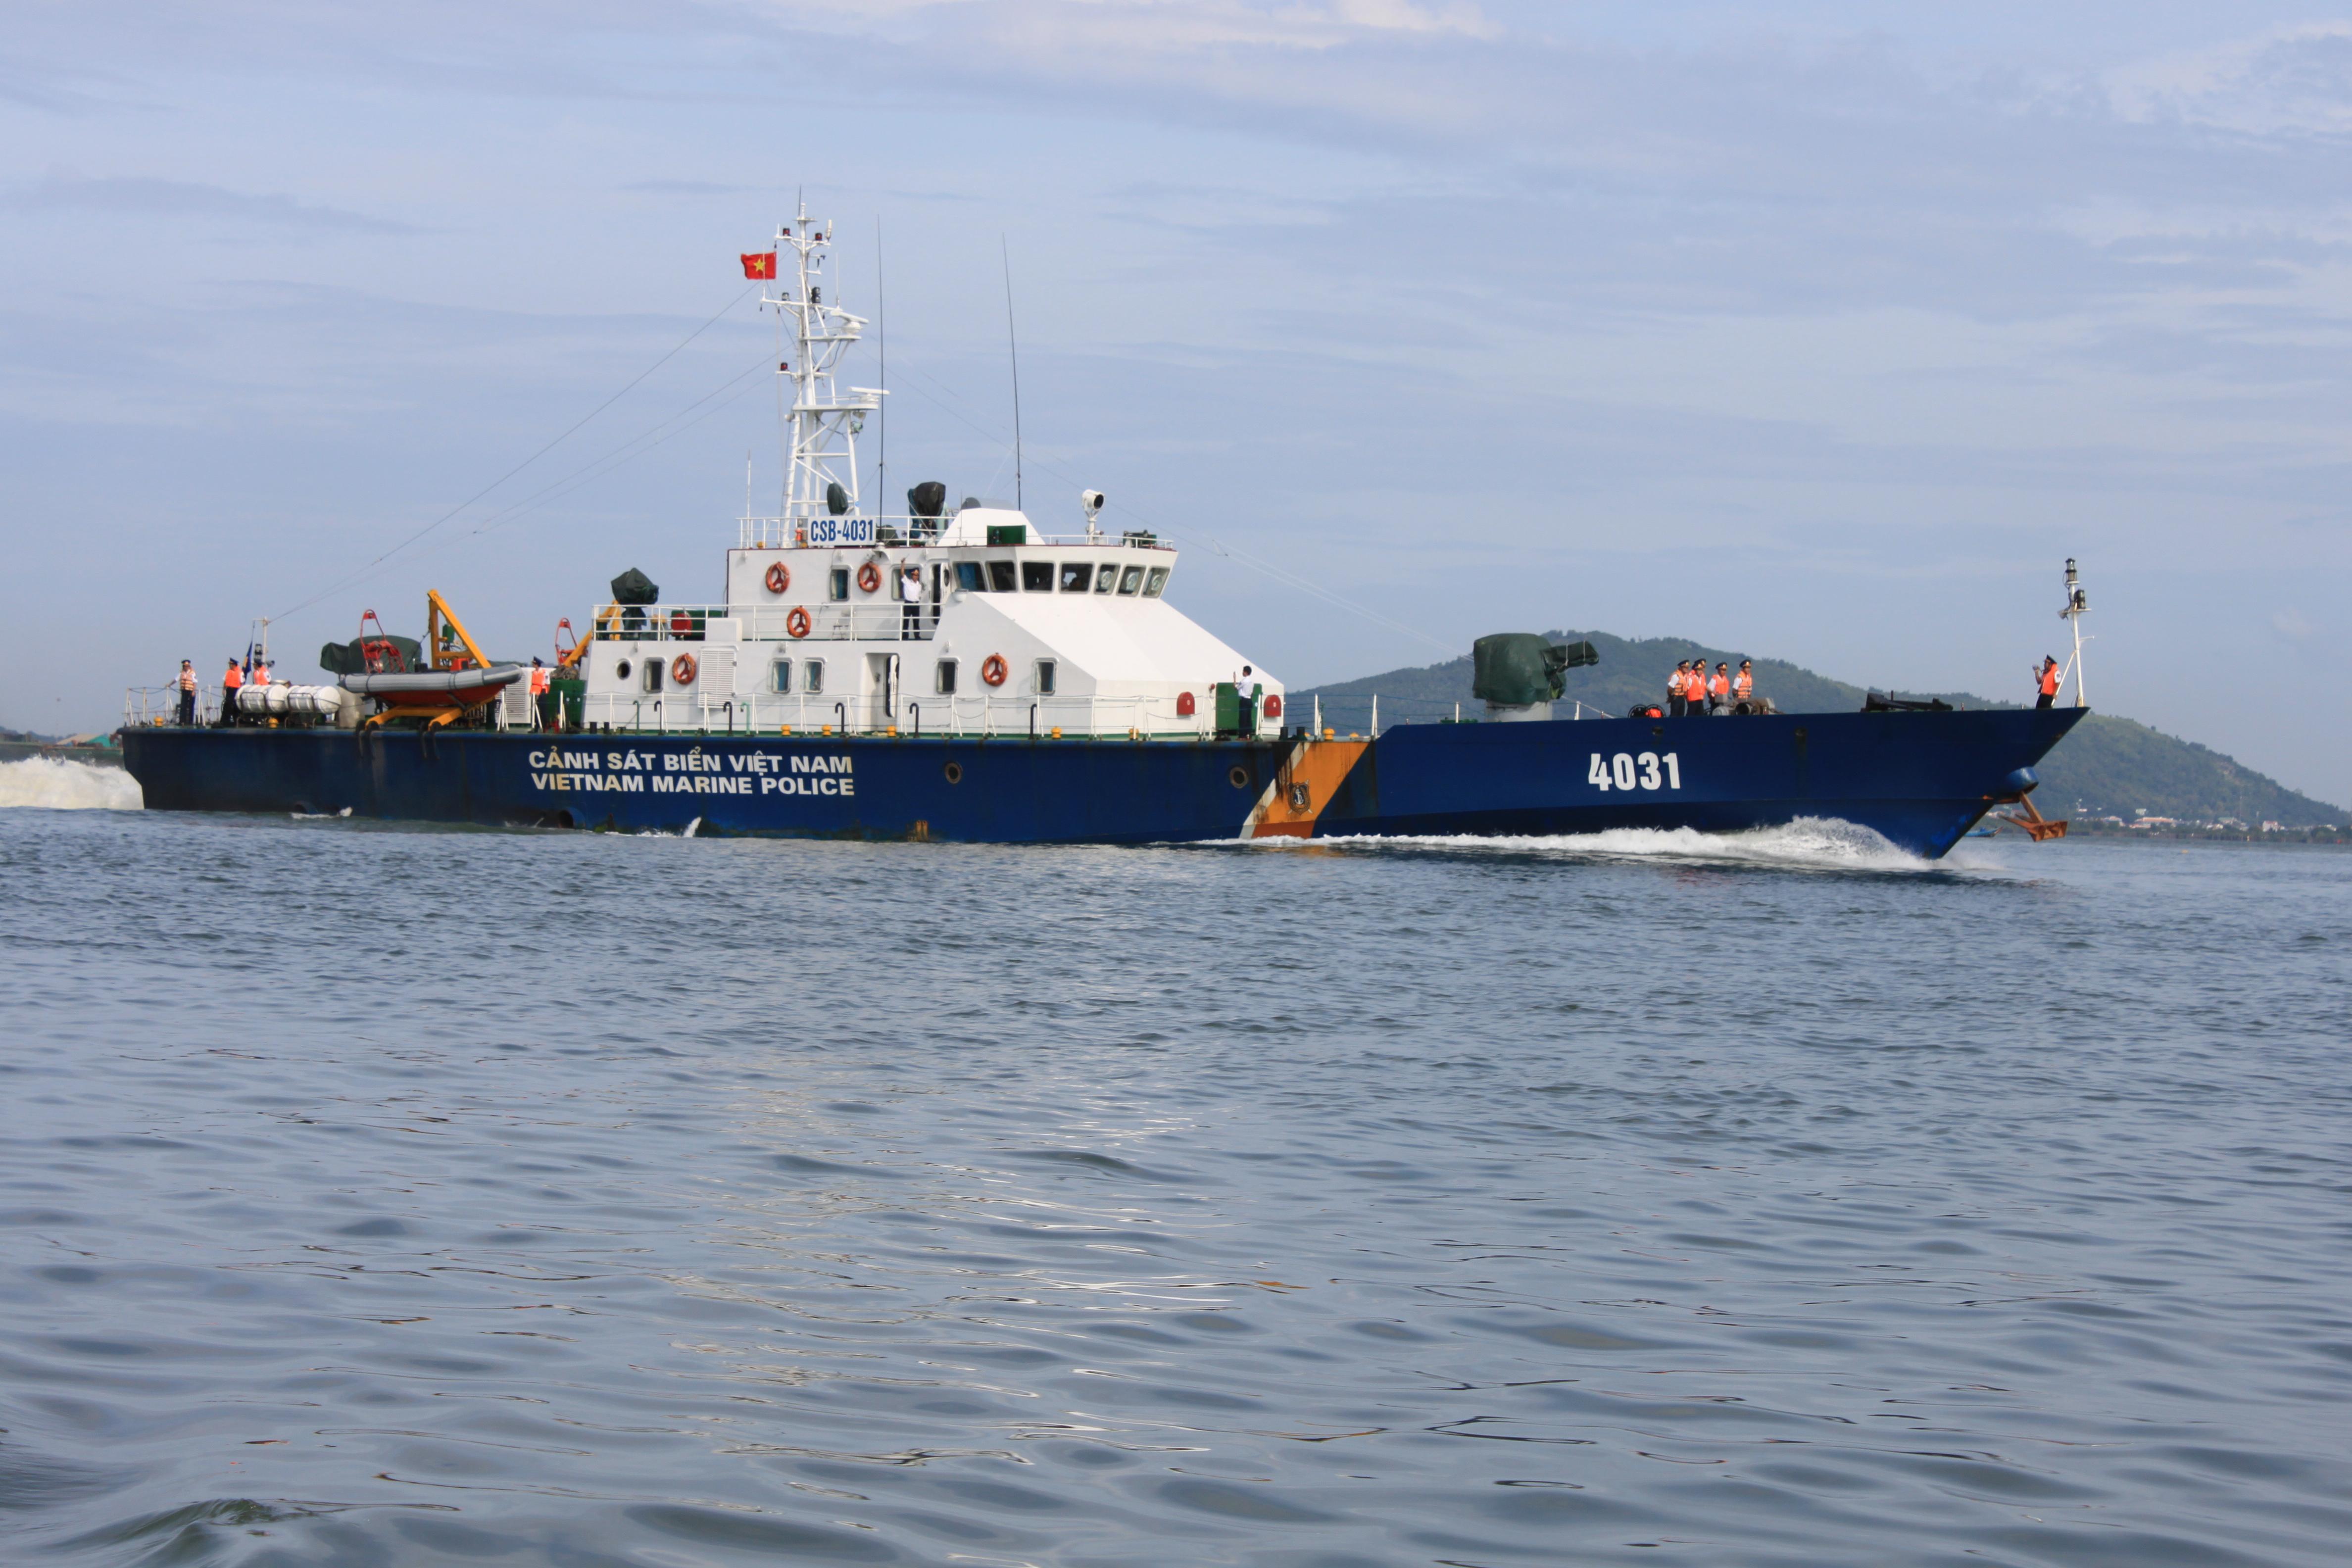 Cảnh sát biển Việt Nam đã bắt giữ một con tàu biển chở 20.000 tấn dầu lậu là tin tức pháp luật mới nhất trong ngày 26/4